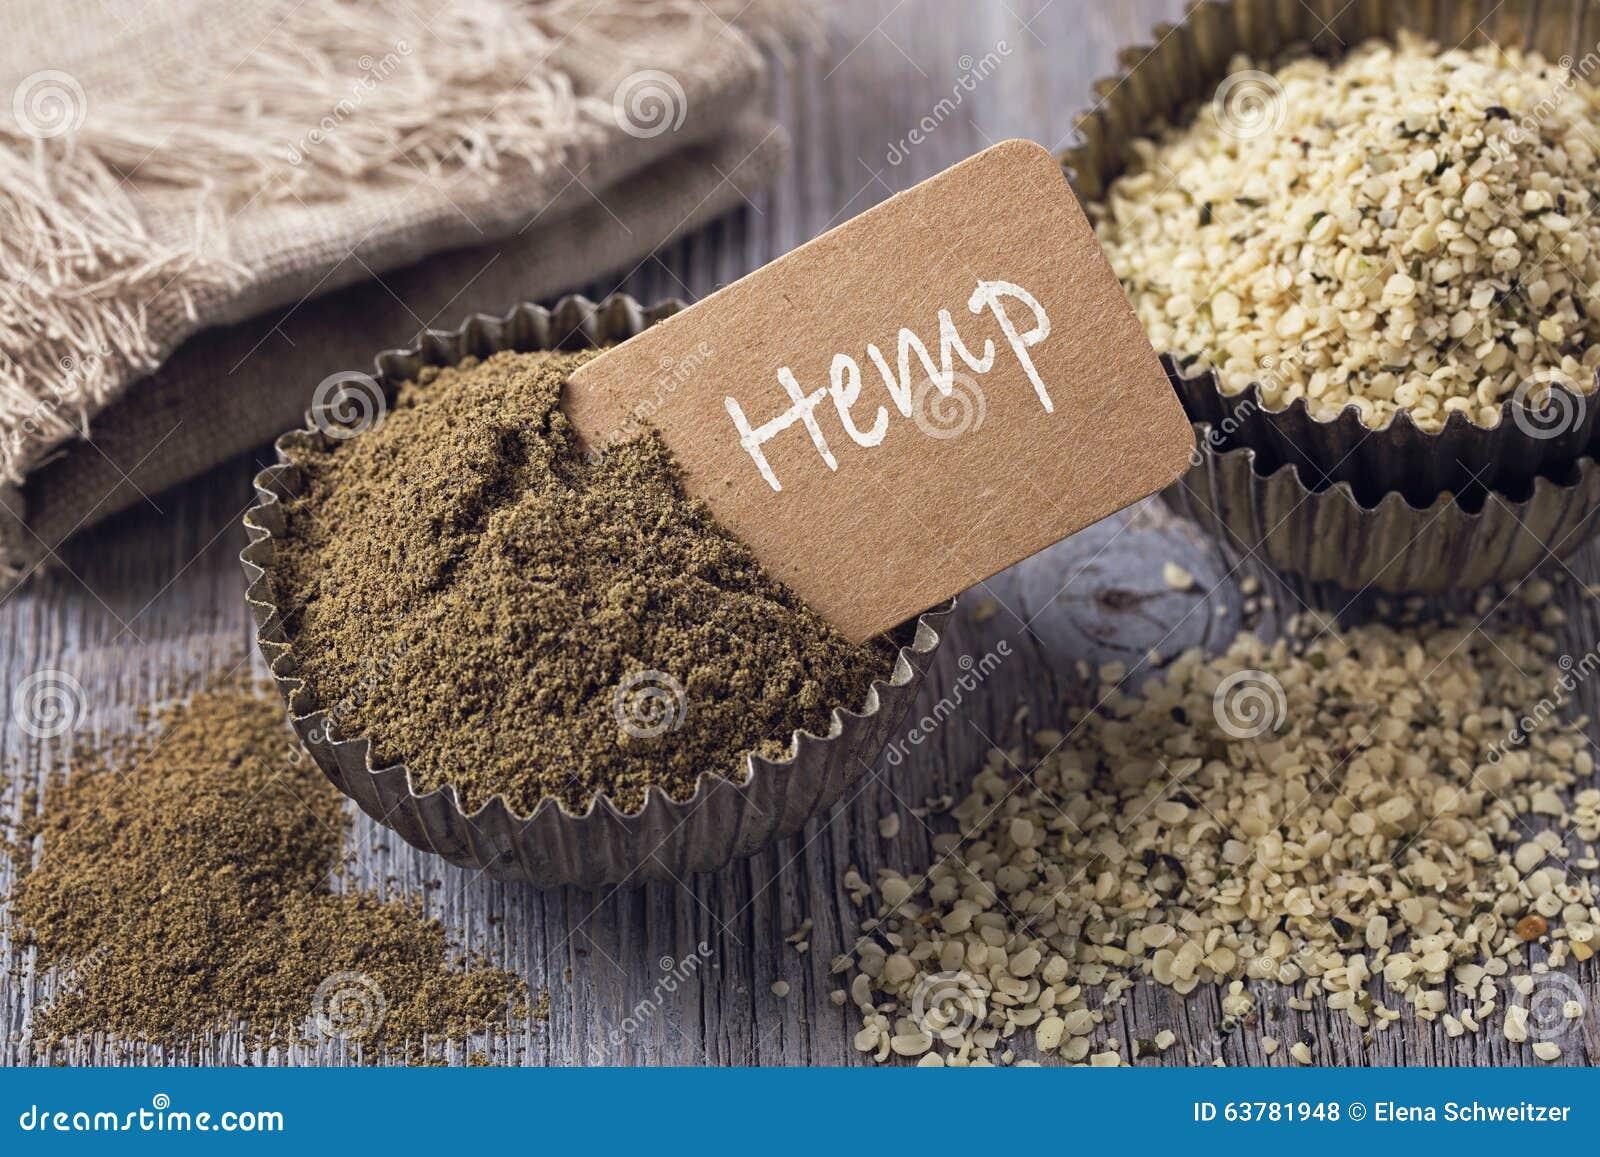 Hemp flour and seeds